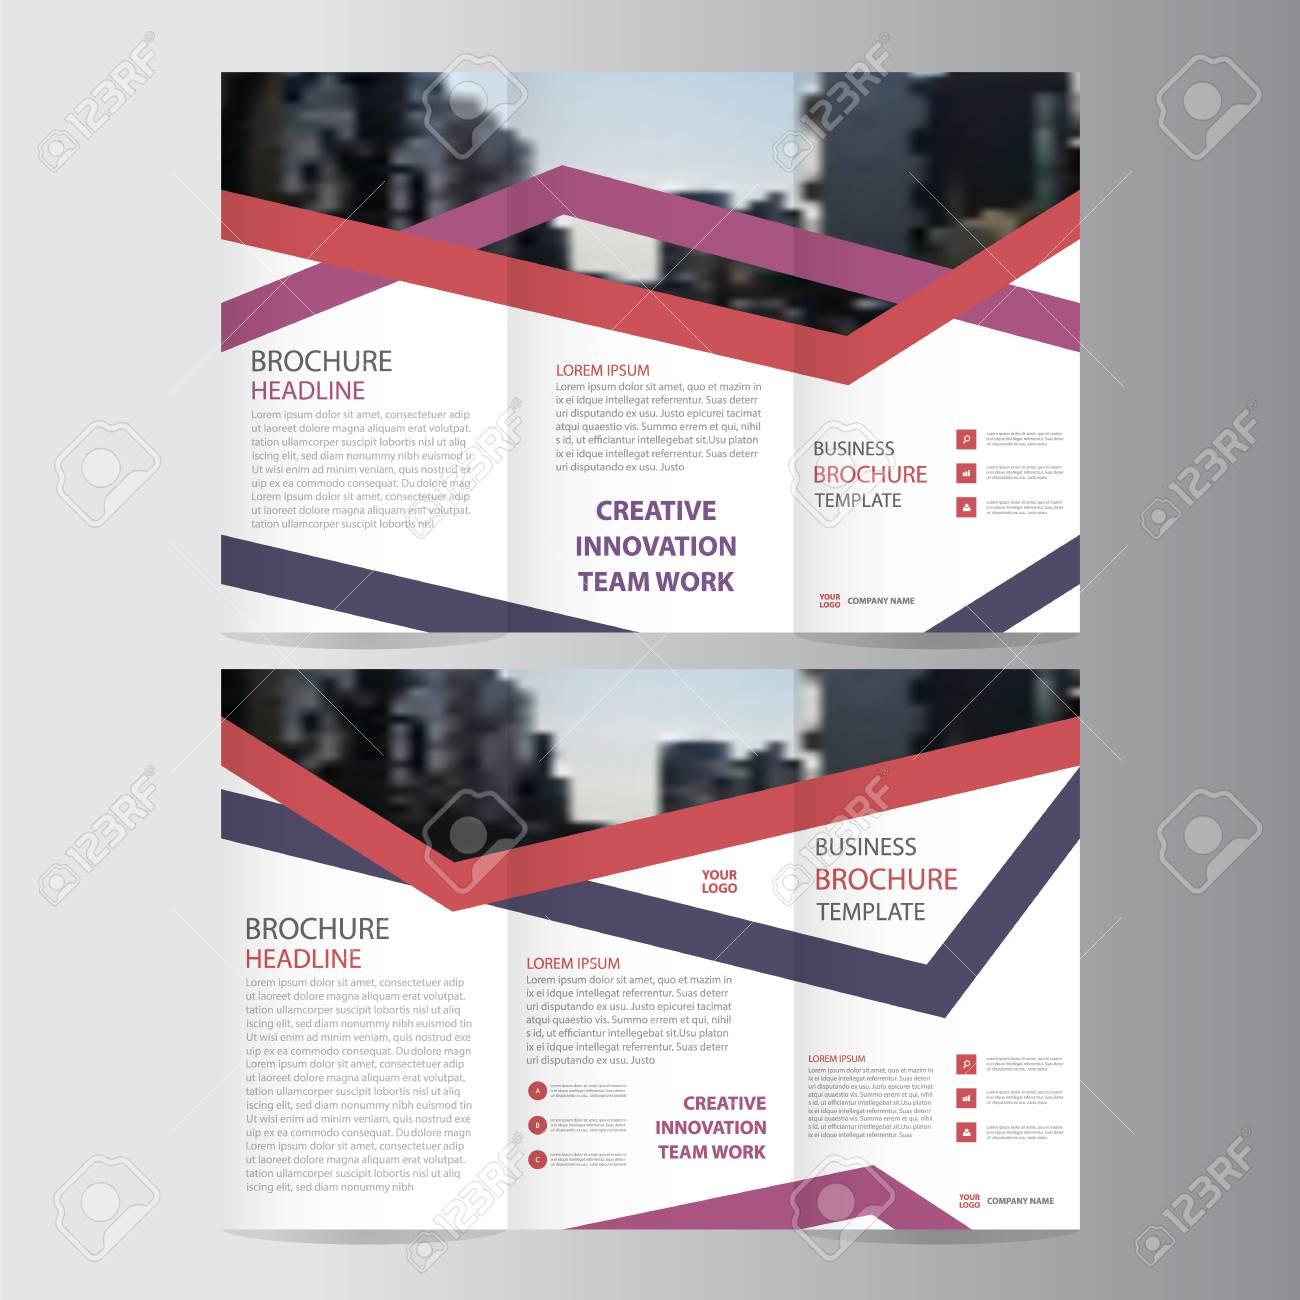 Nett Broschüre Deckblatt Vorlage Ideen - Entry Level Resume Vorlagen ...